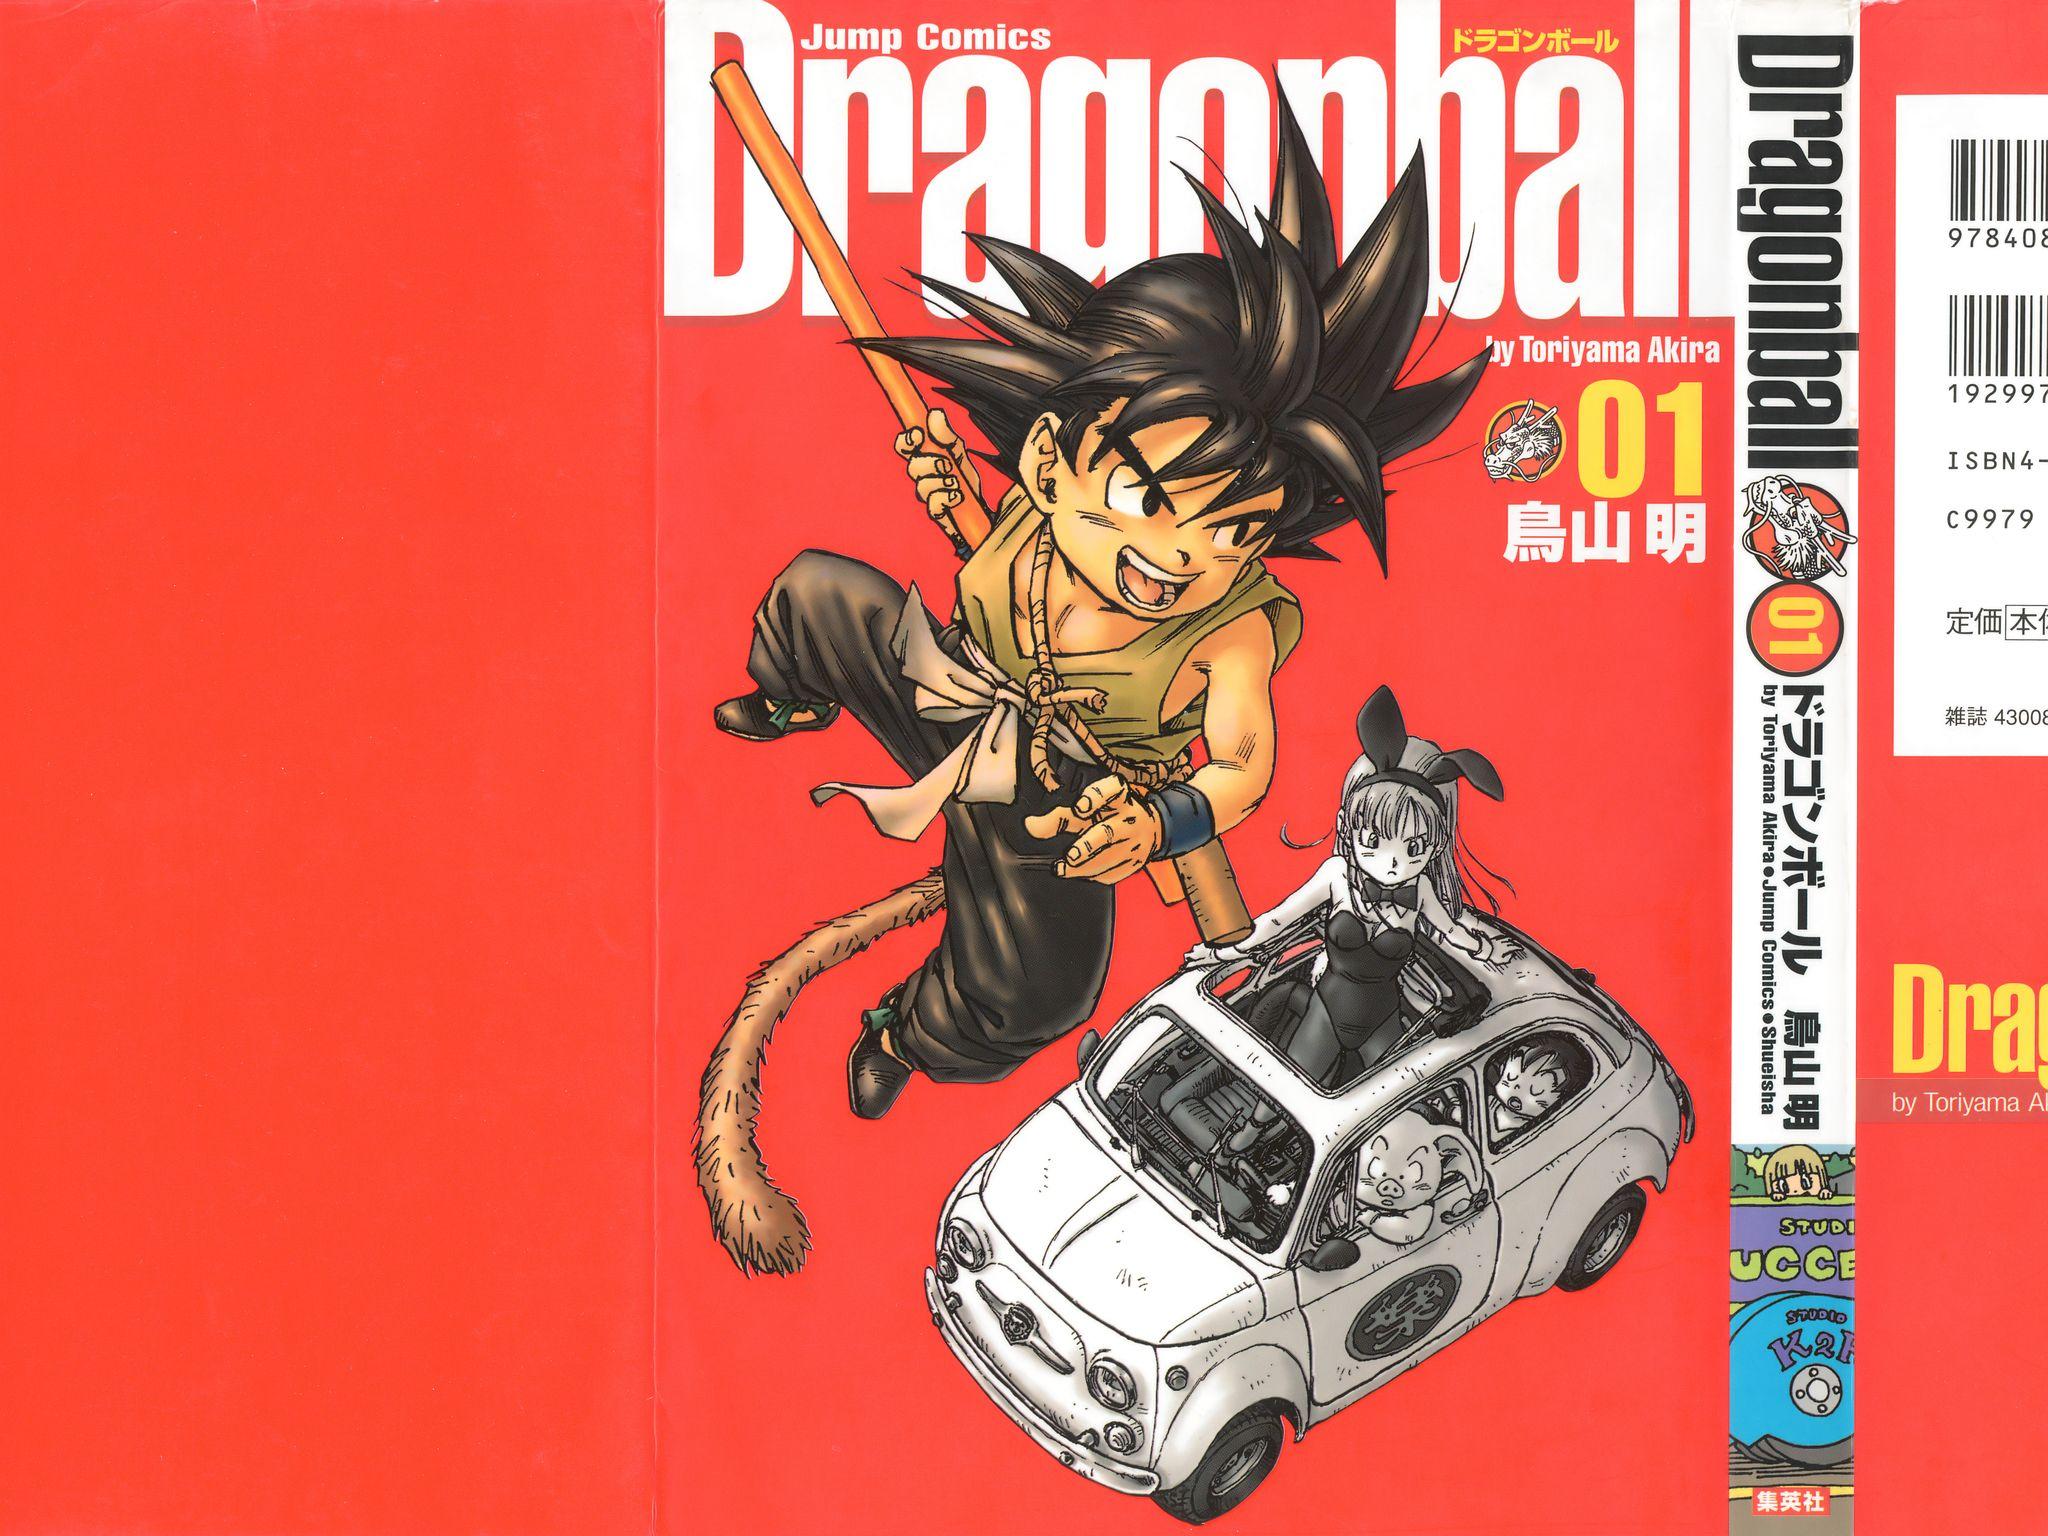 Dragon Ball chap 1 trang 1